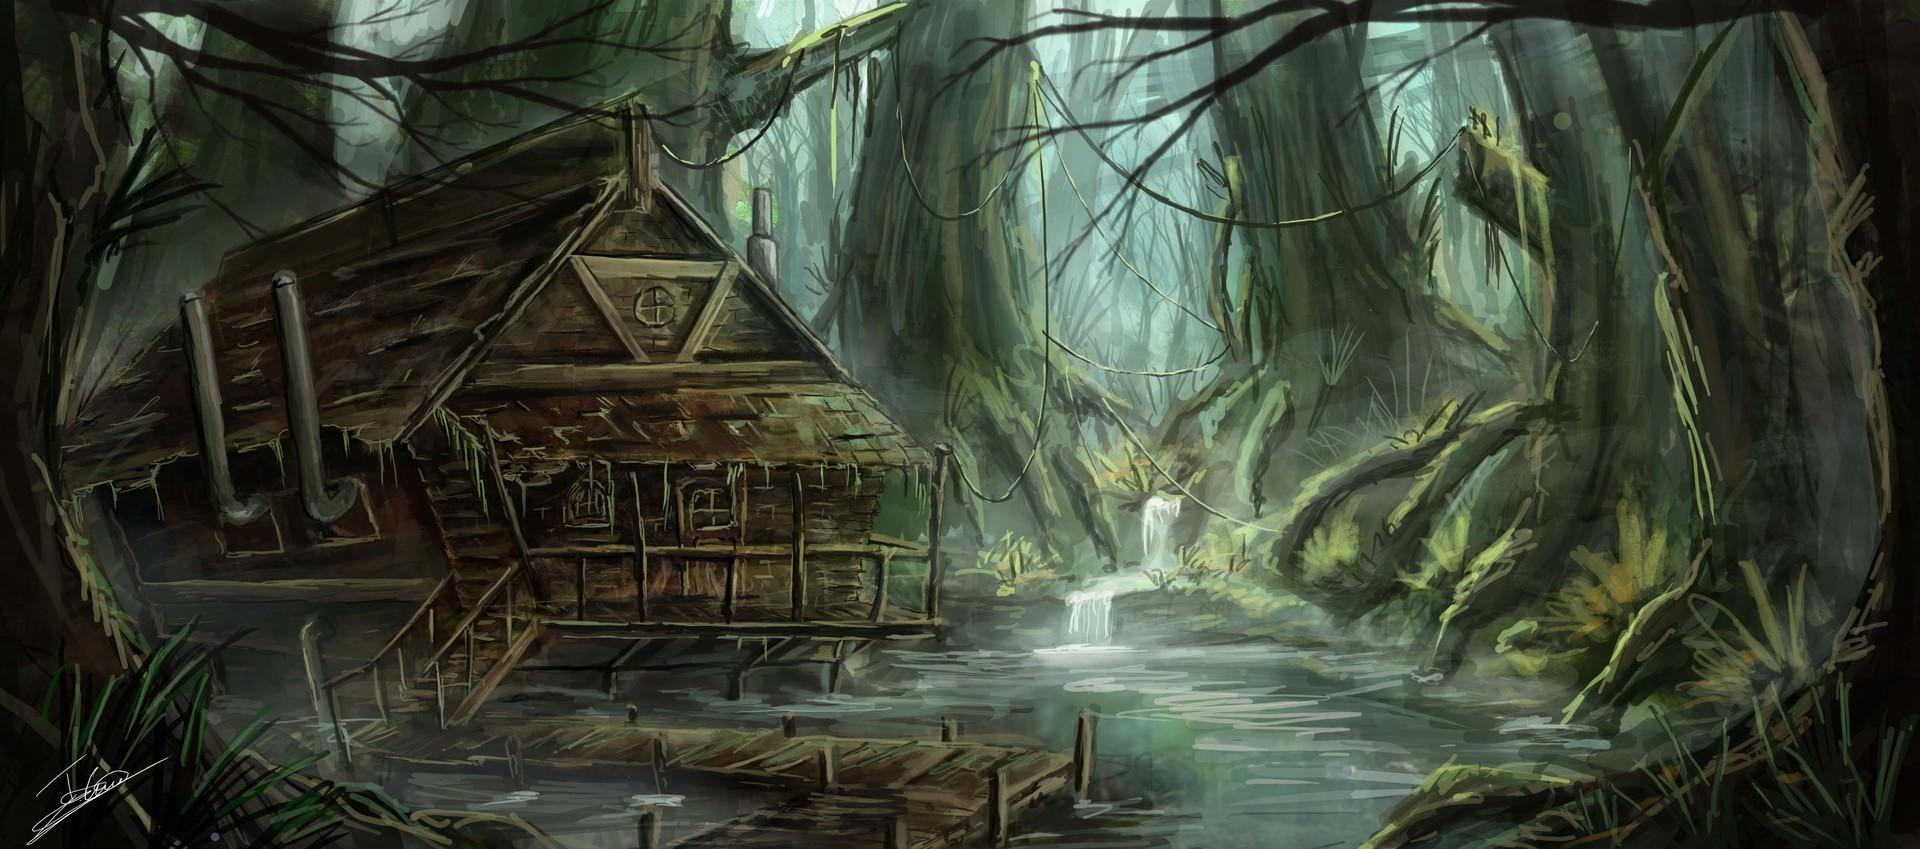 Pergamino XXXI: De la ponzoñosa vida de Amadahy y las leyendas que nunca se hicieron realidad Jerico-cinco-swamp